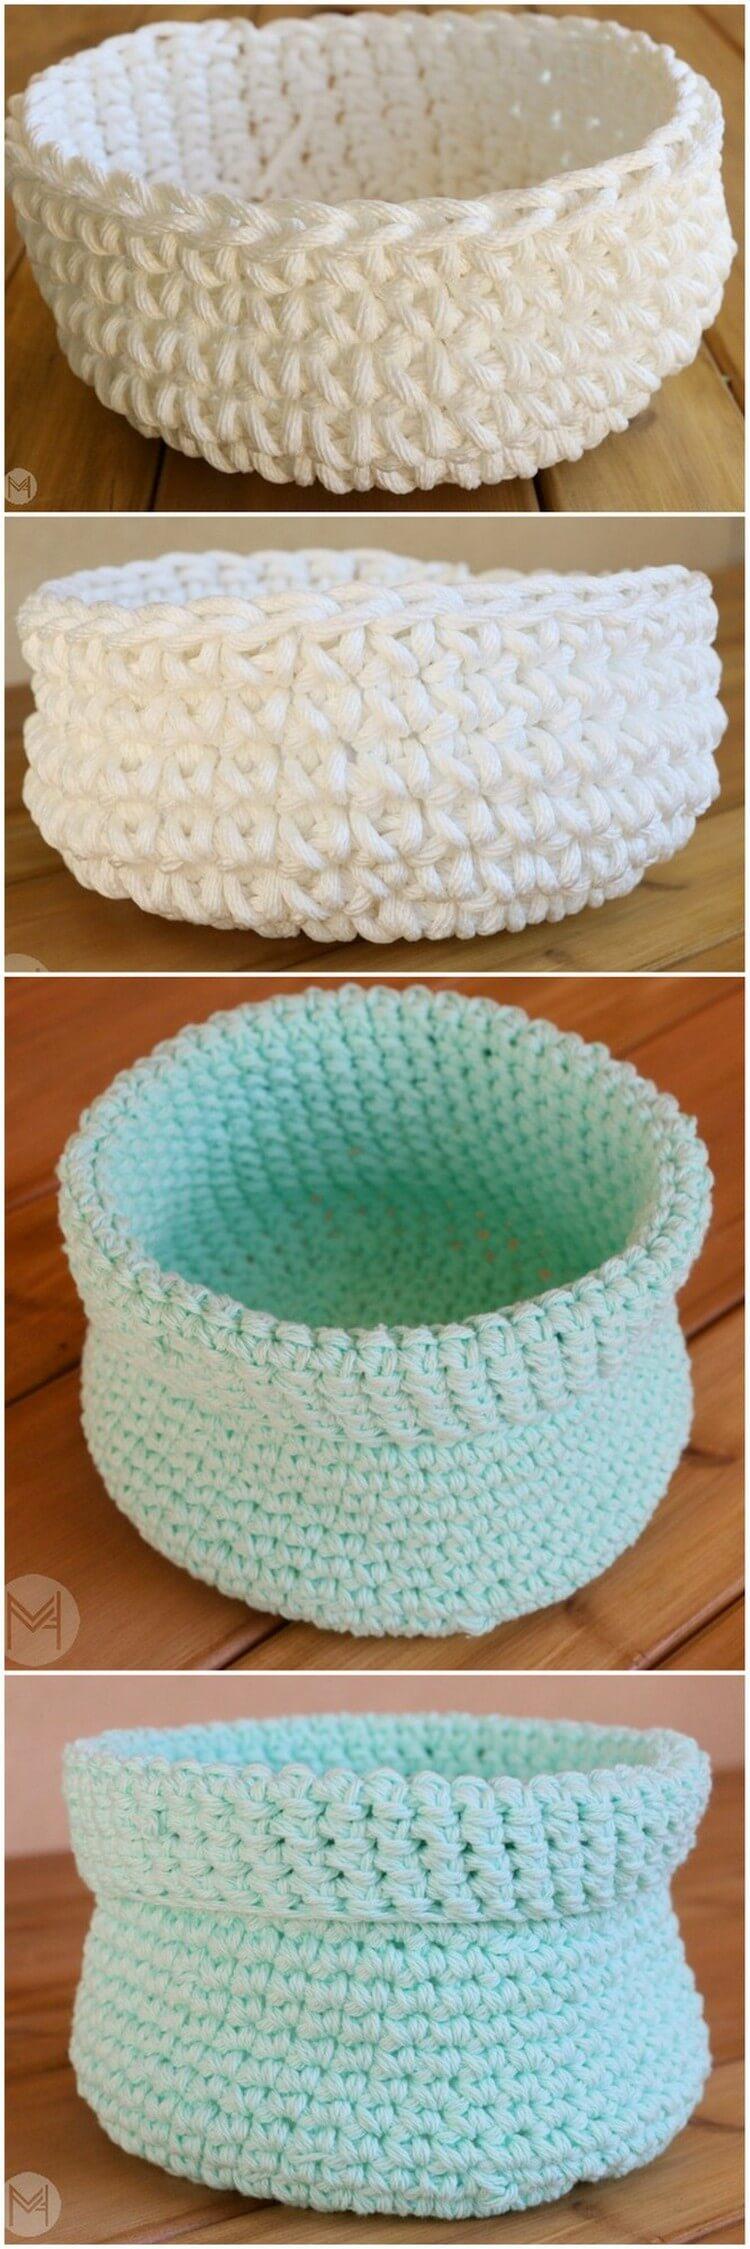 Crochet Basket Pattern (6)